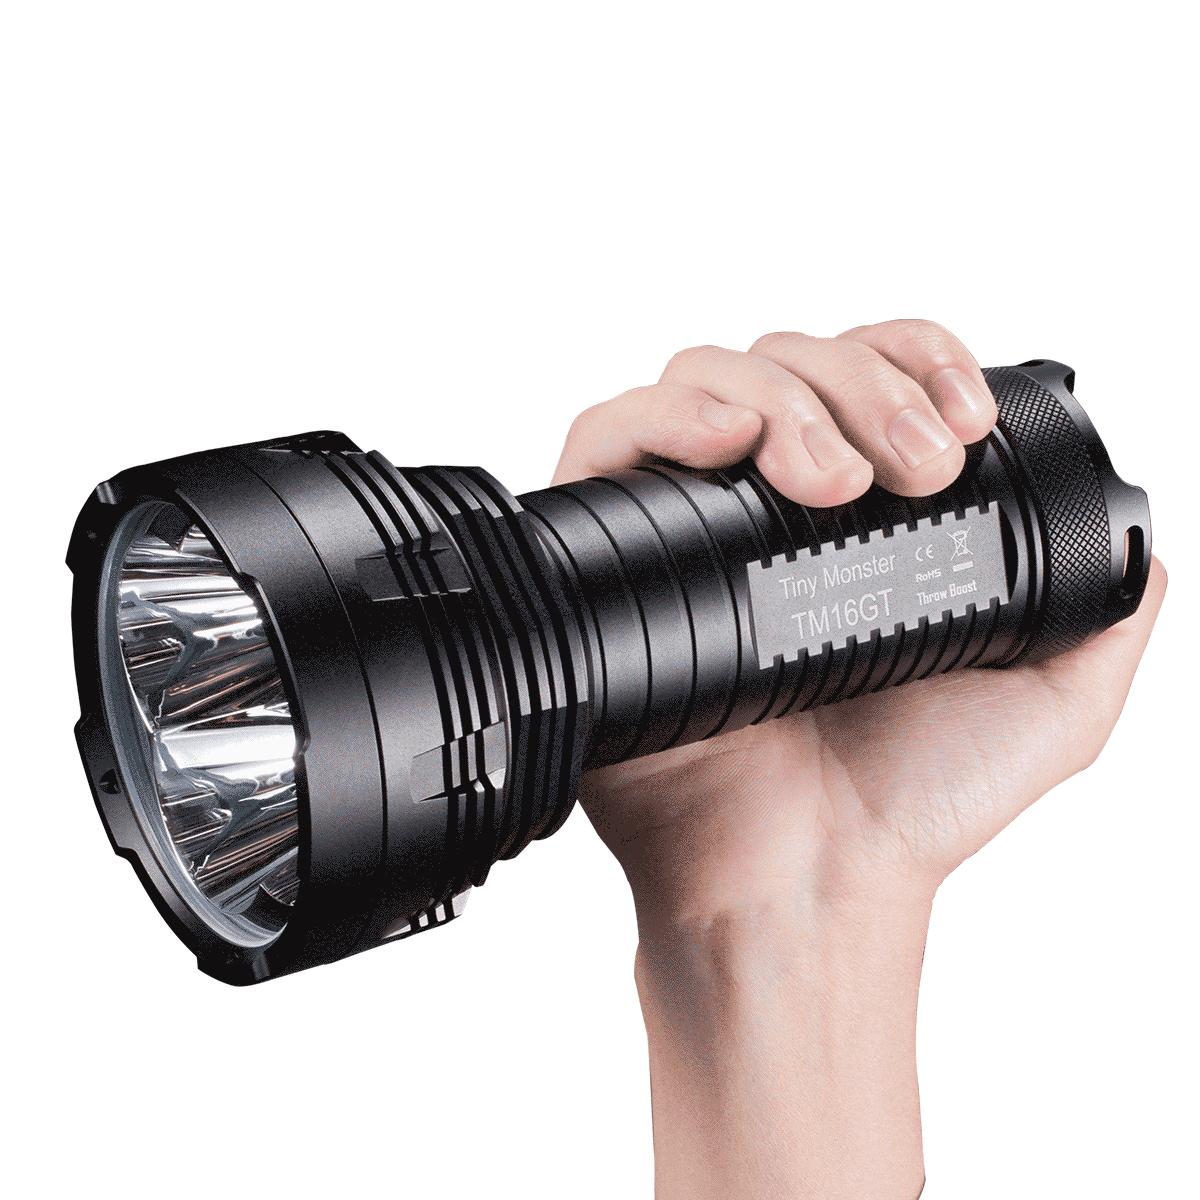 Фонарь Nitecore TM16GT (4xСree XP-L HI V3 3600 люмен, 8 режимов, 4х186